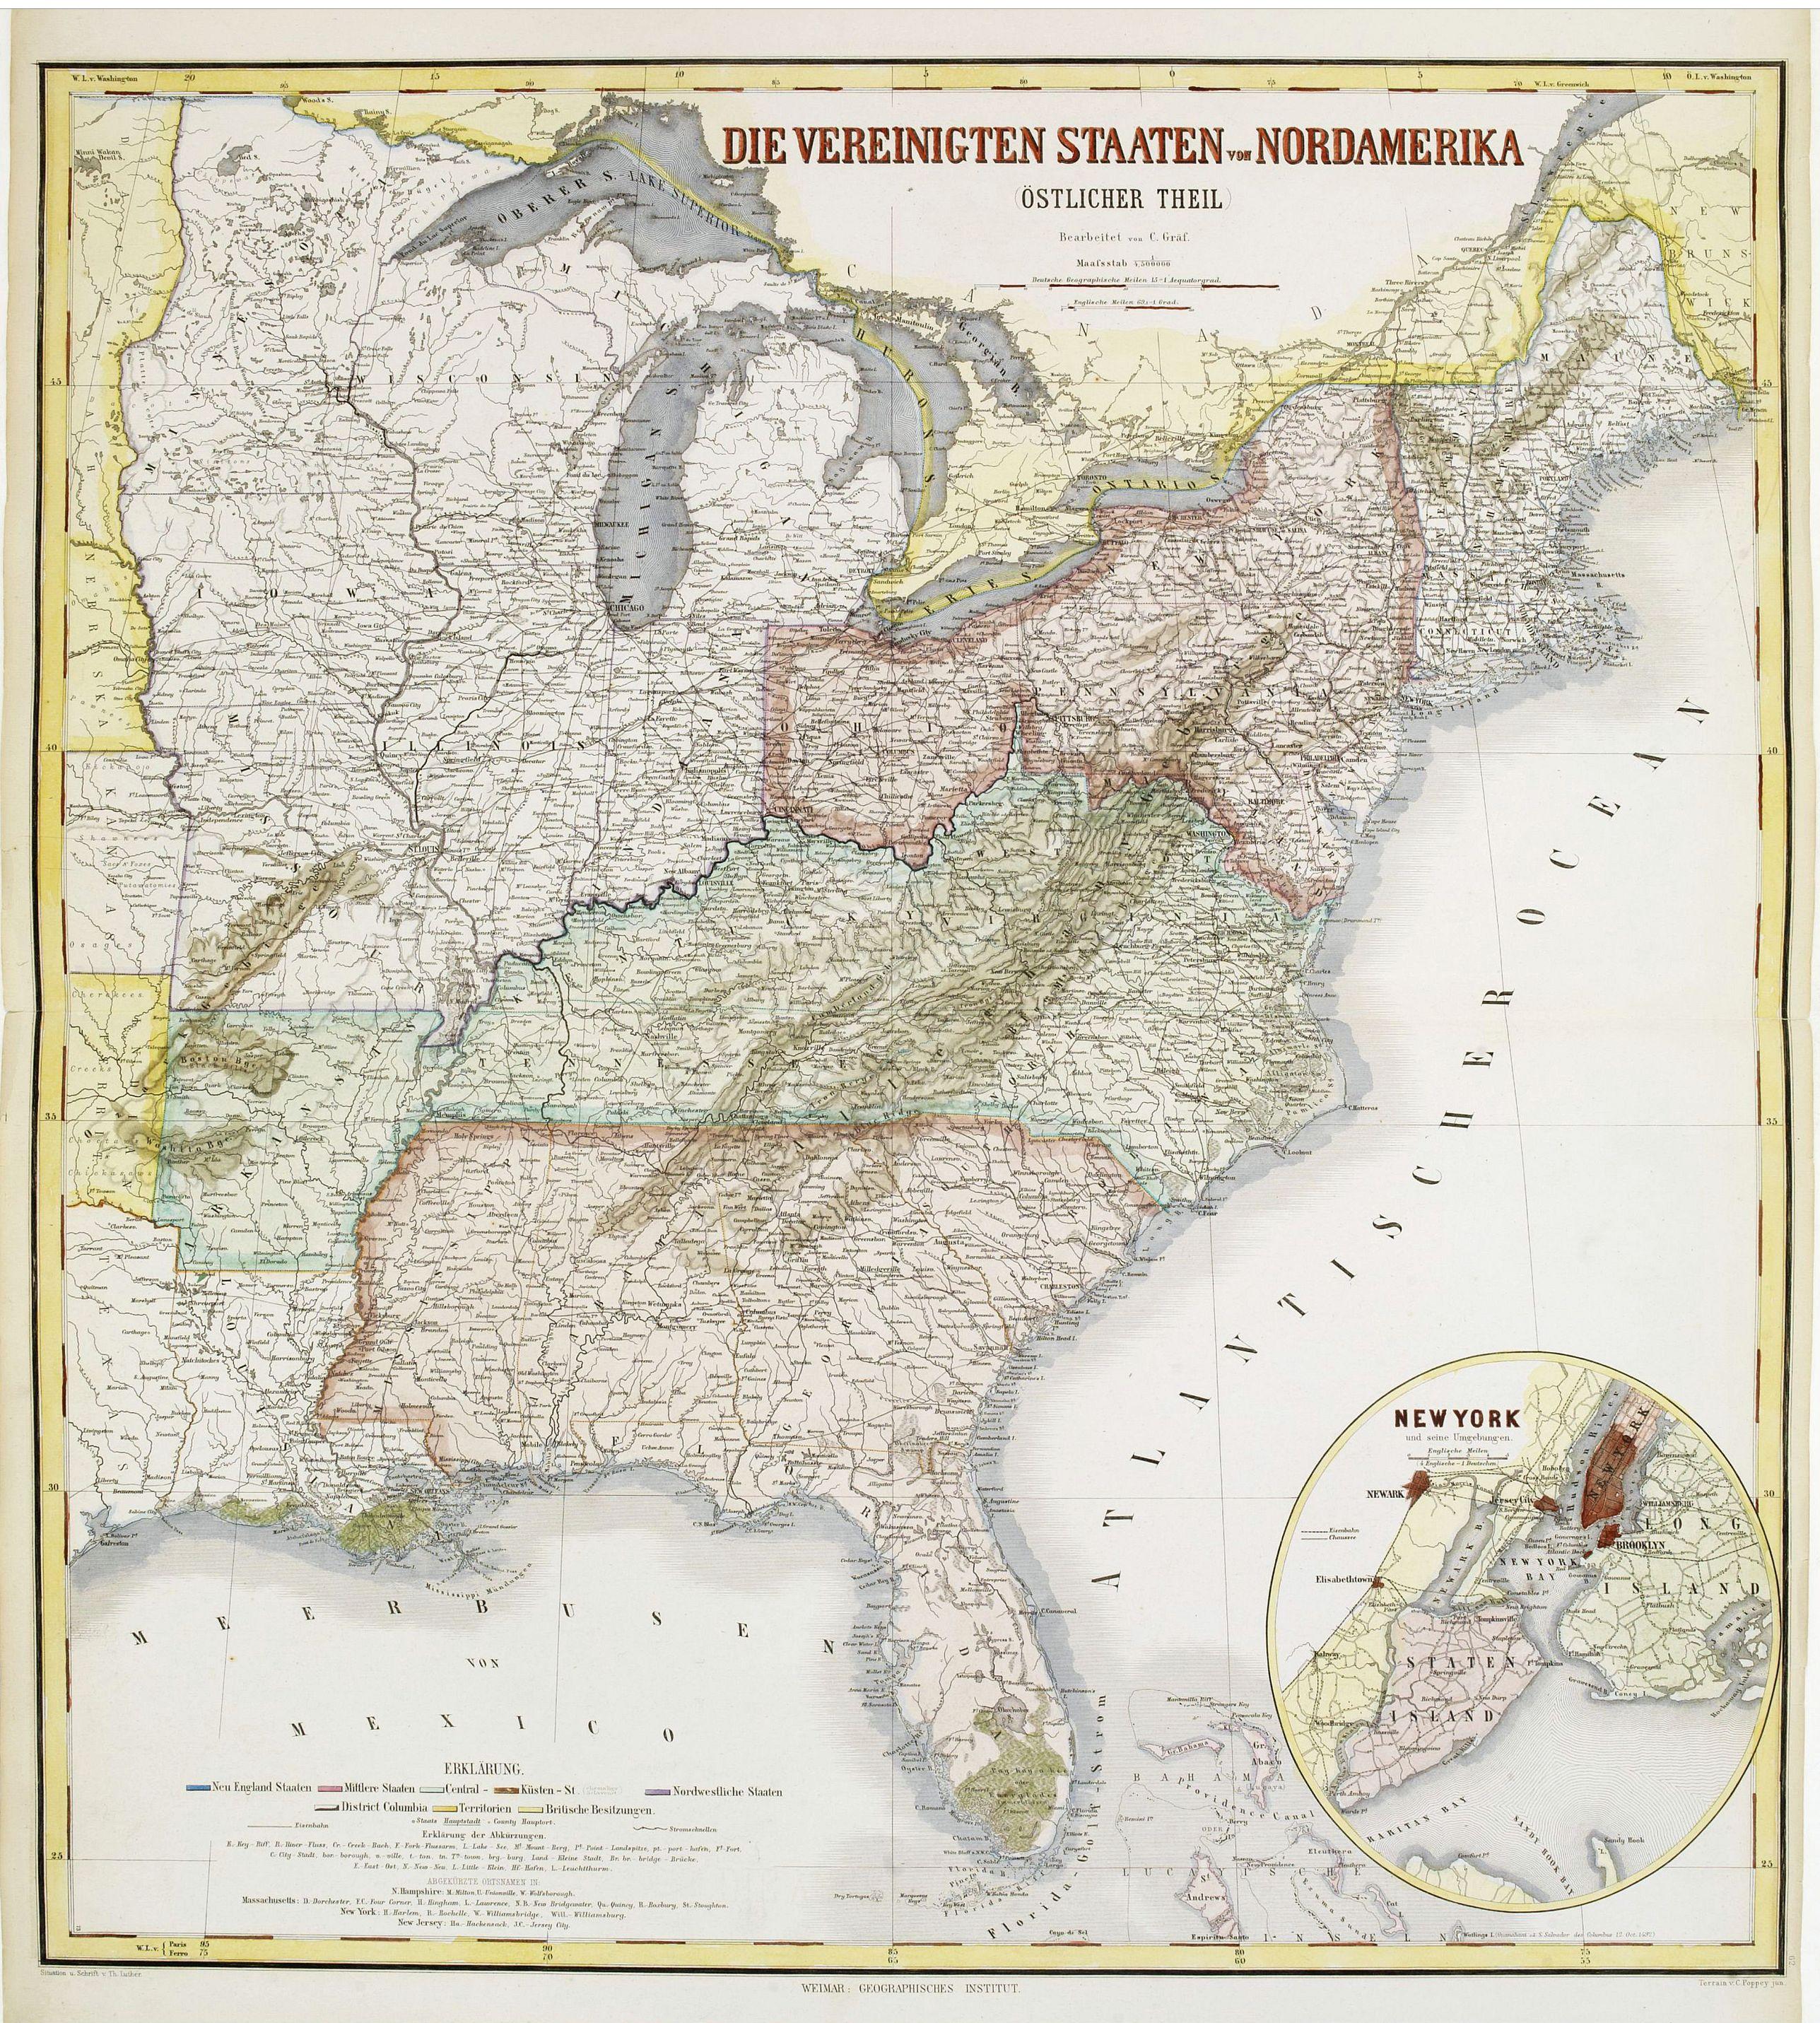 GEOGRAPHISCHES INSTITUT -  Die Vereinigten Staten von Nordamerika (Ostlicher theil).